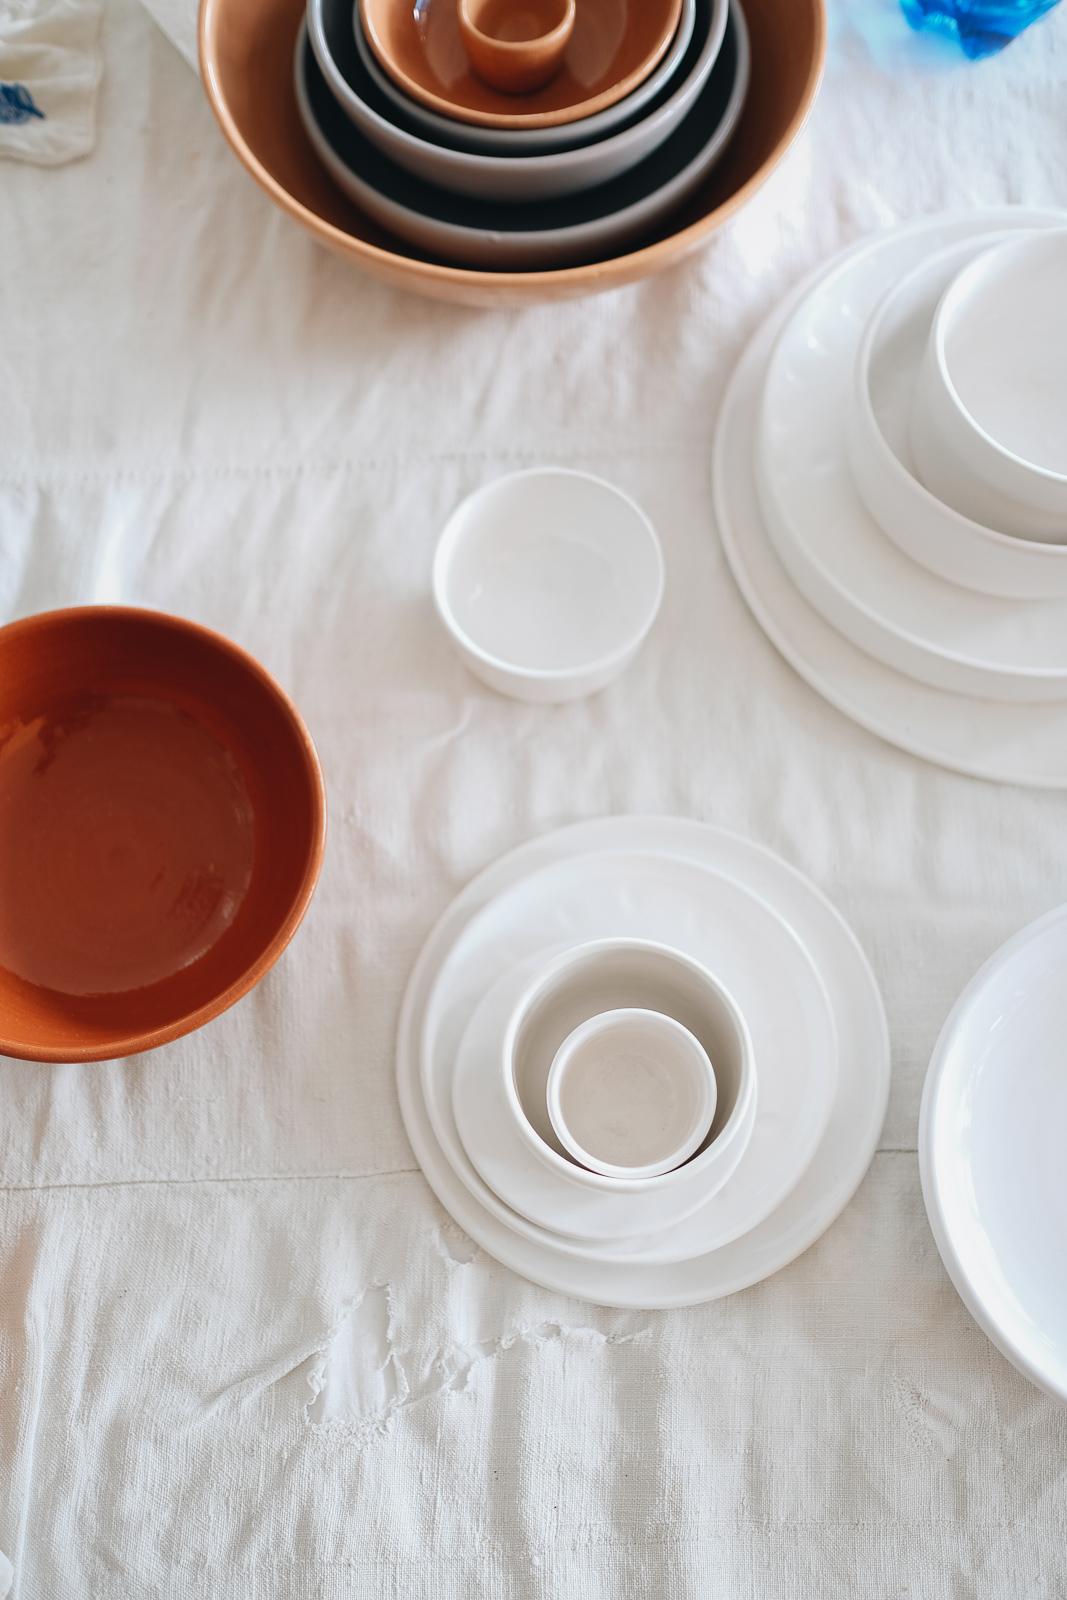 Dall'amore per la ceramica! Zu Besuch bei Iris Roth